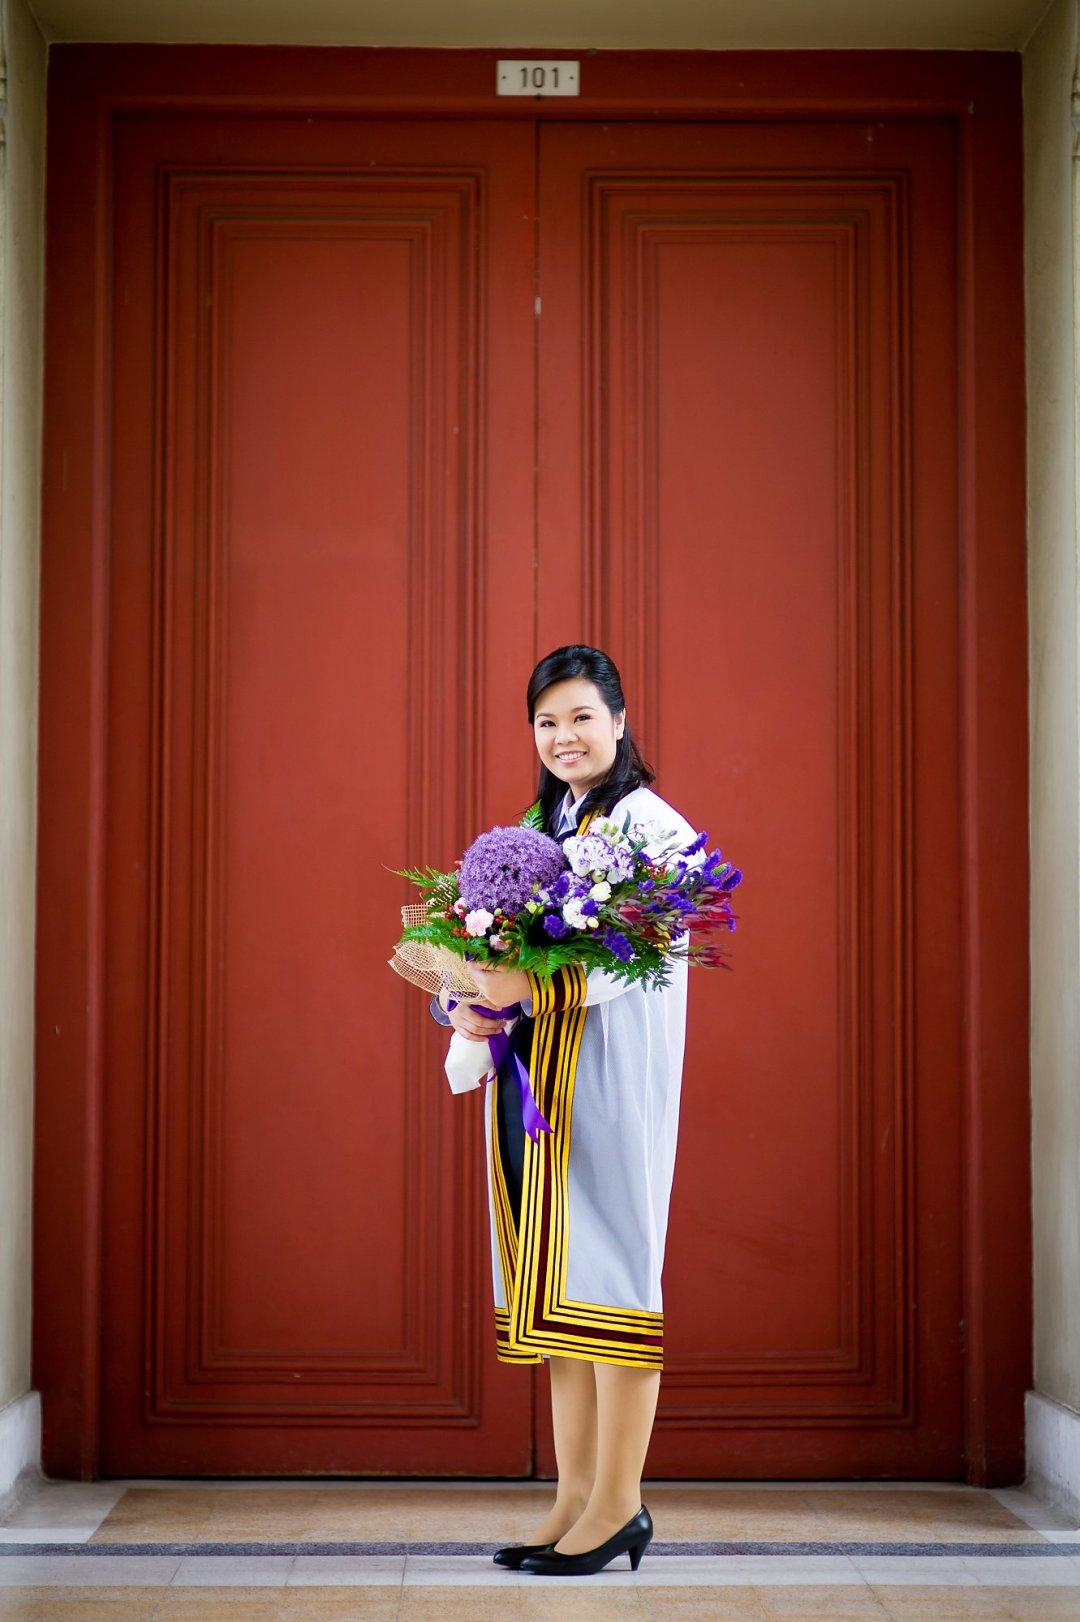 ภาพรับปริญญาวันซ้อมที่จุฬาลงกรณ์มหาวิทยาลัย | Neoy's Commencement Rehearsal Day at Chulalongkorn University